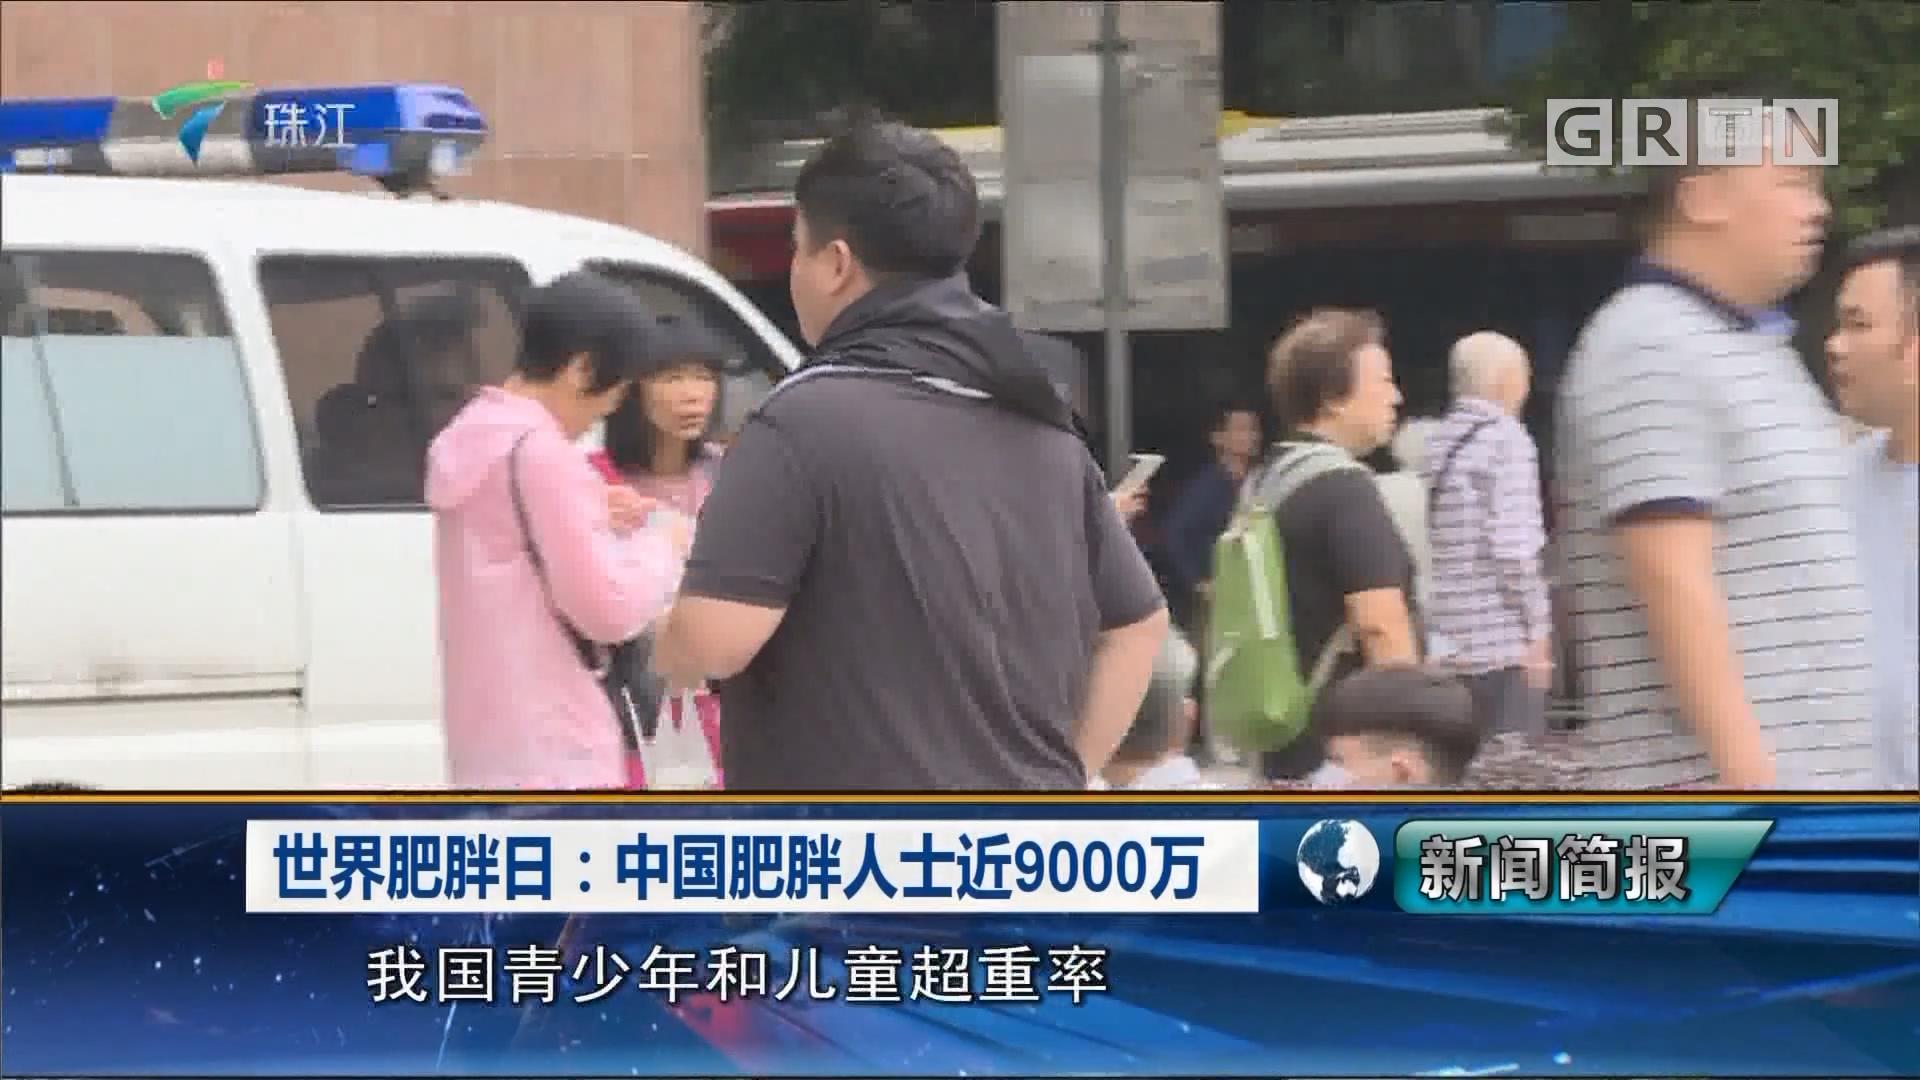 世界肥胖日:中国肥胖人士近9000万